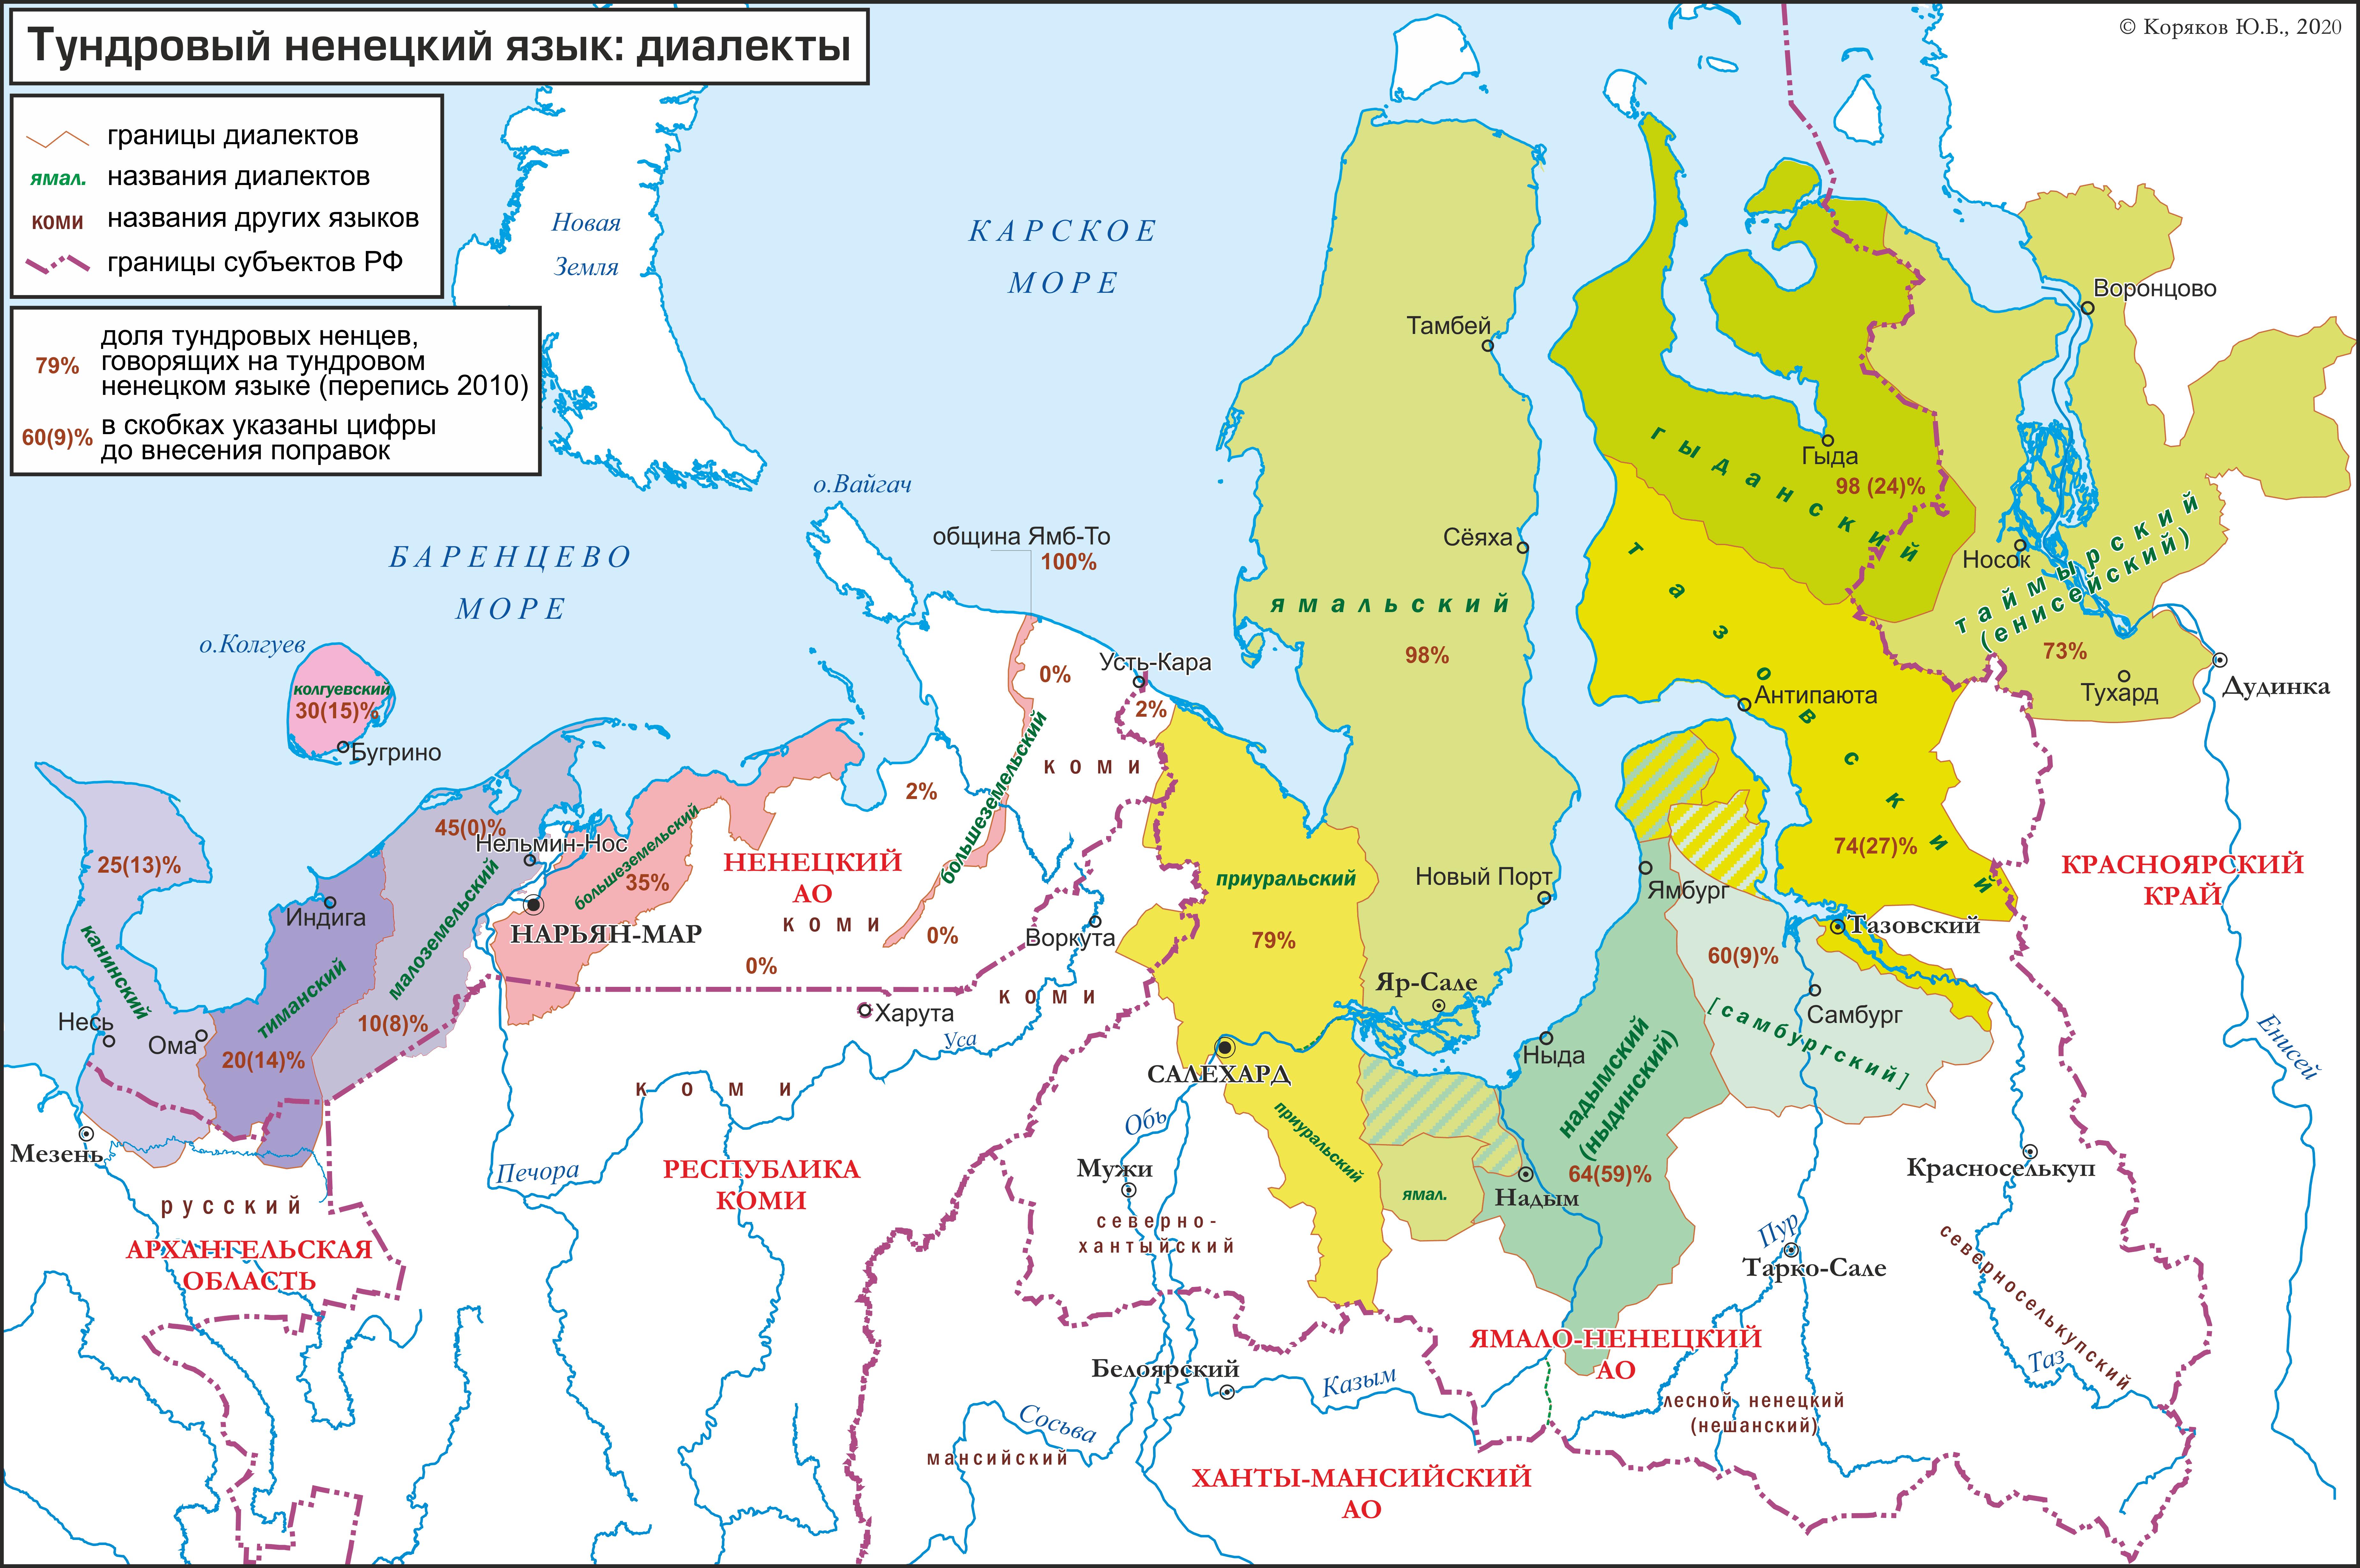 Ненецкие диалекты и доля говорящих